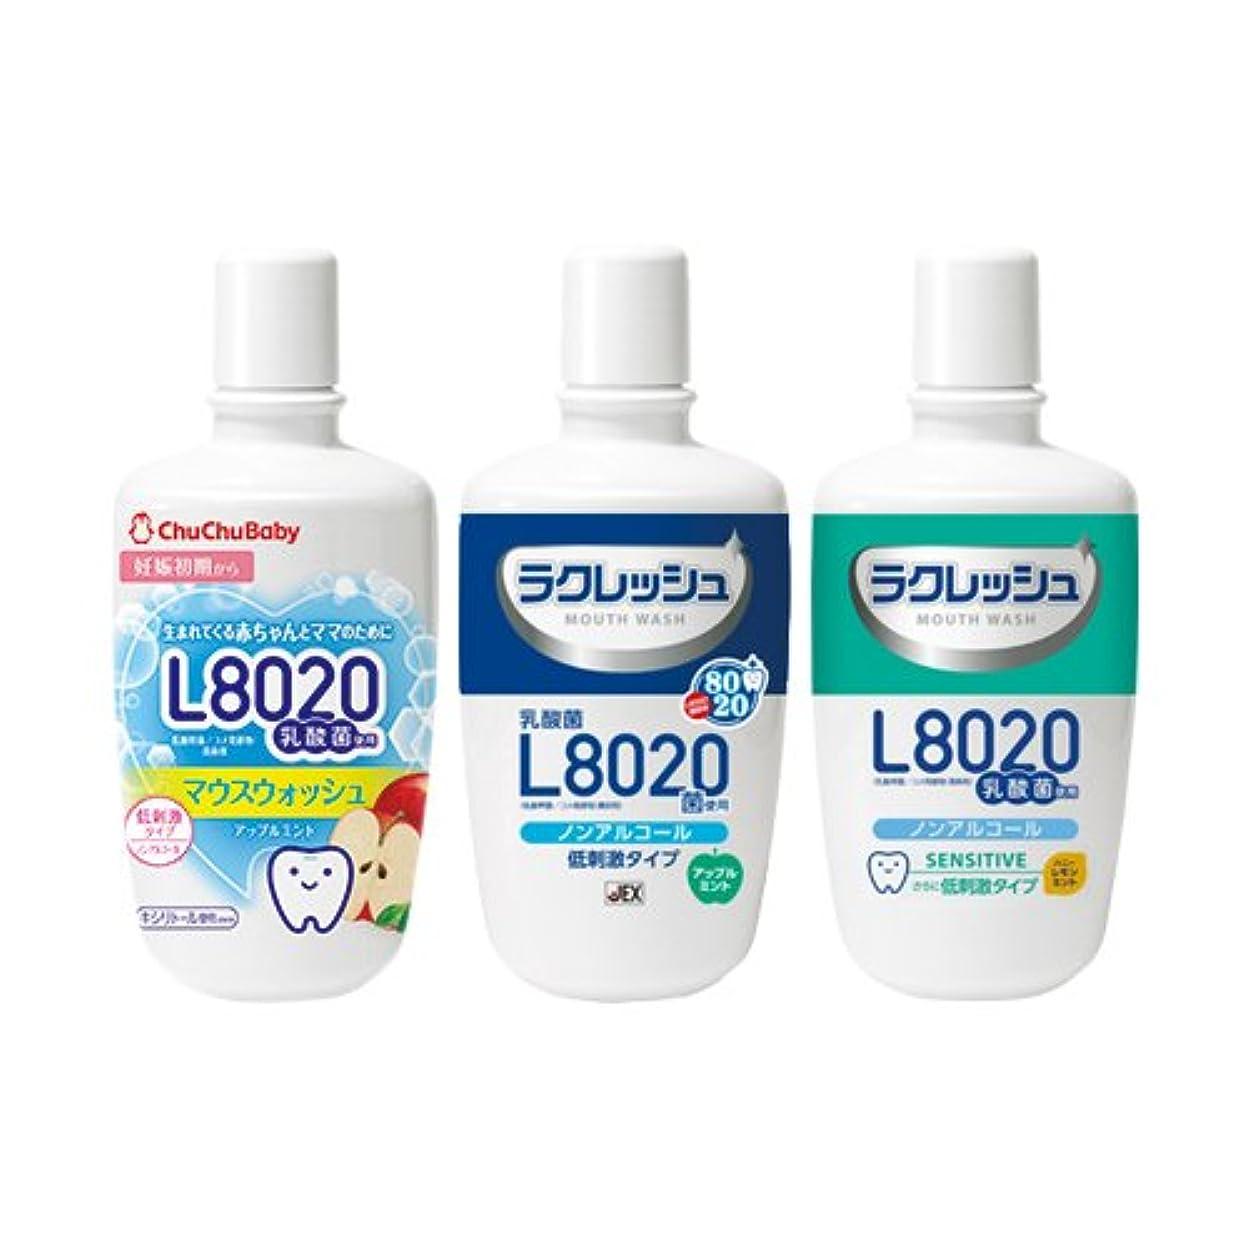 レイアウト蒸気酸化物L8020乳酸菌入マウスウォッシュ 300ml 3種 × 各1本セット(ラクレッシュ/チュチュベビー/センシティブタイプ)